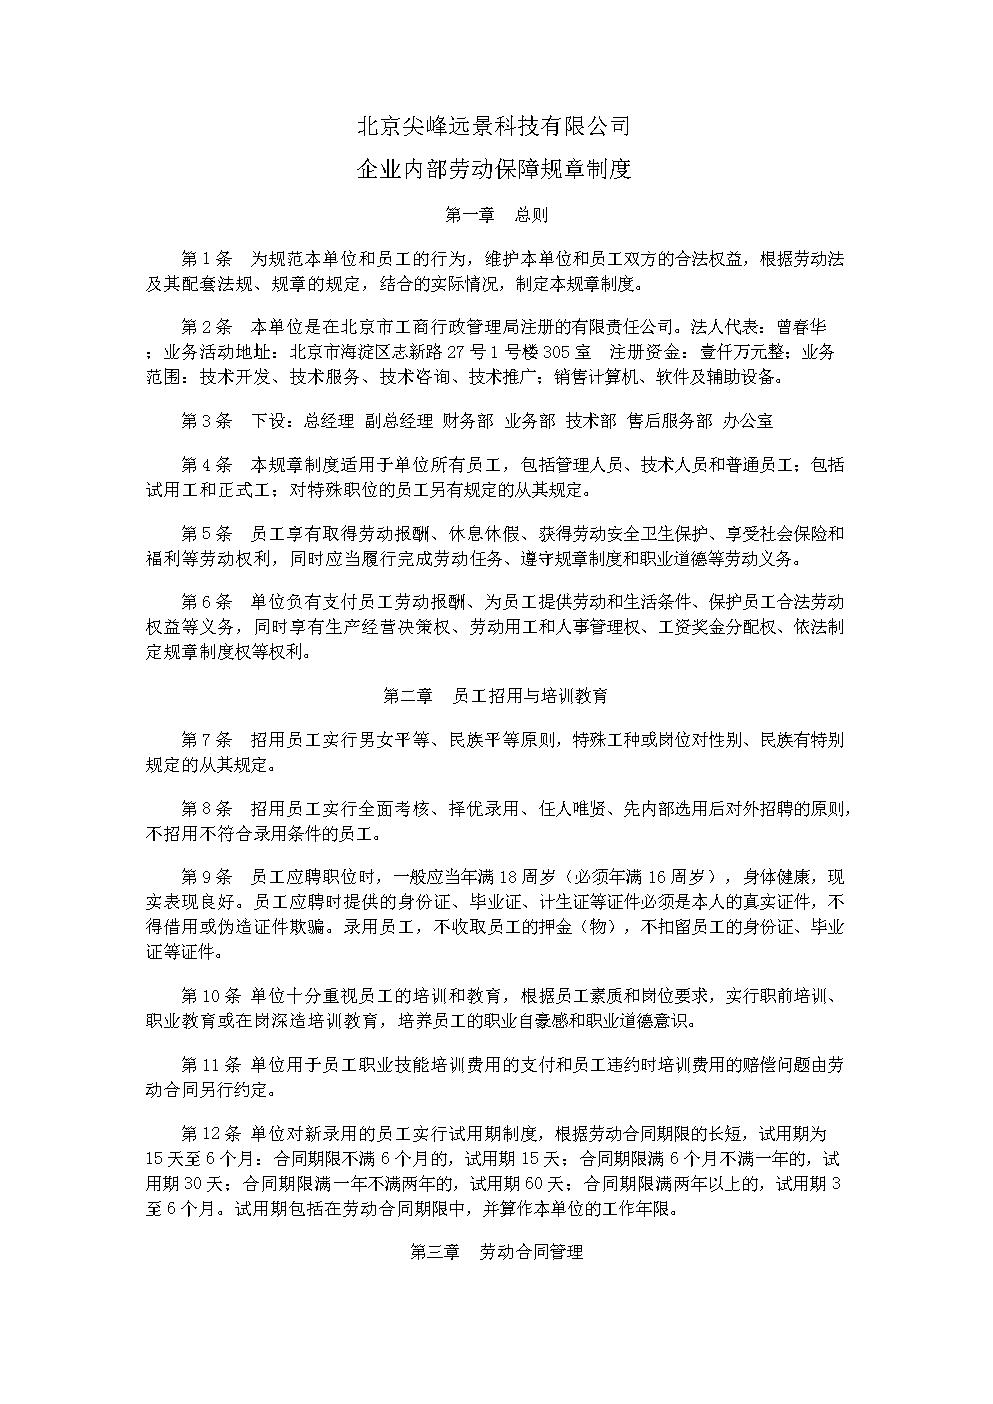 企业内部劳动保障规章制度(范文).doc